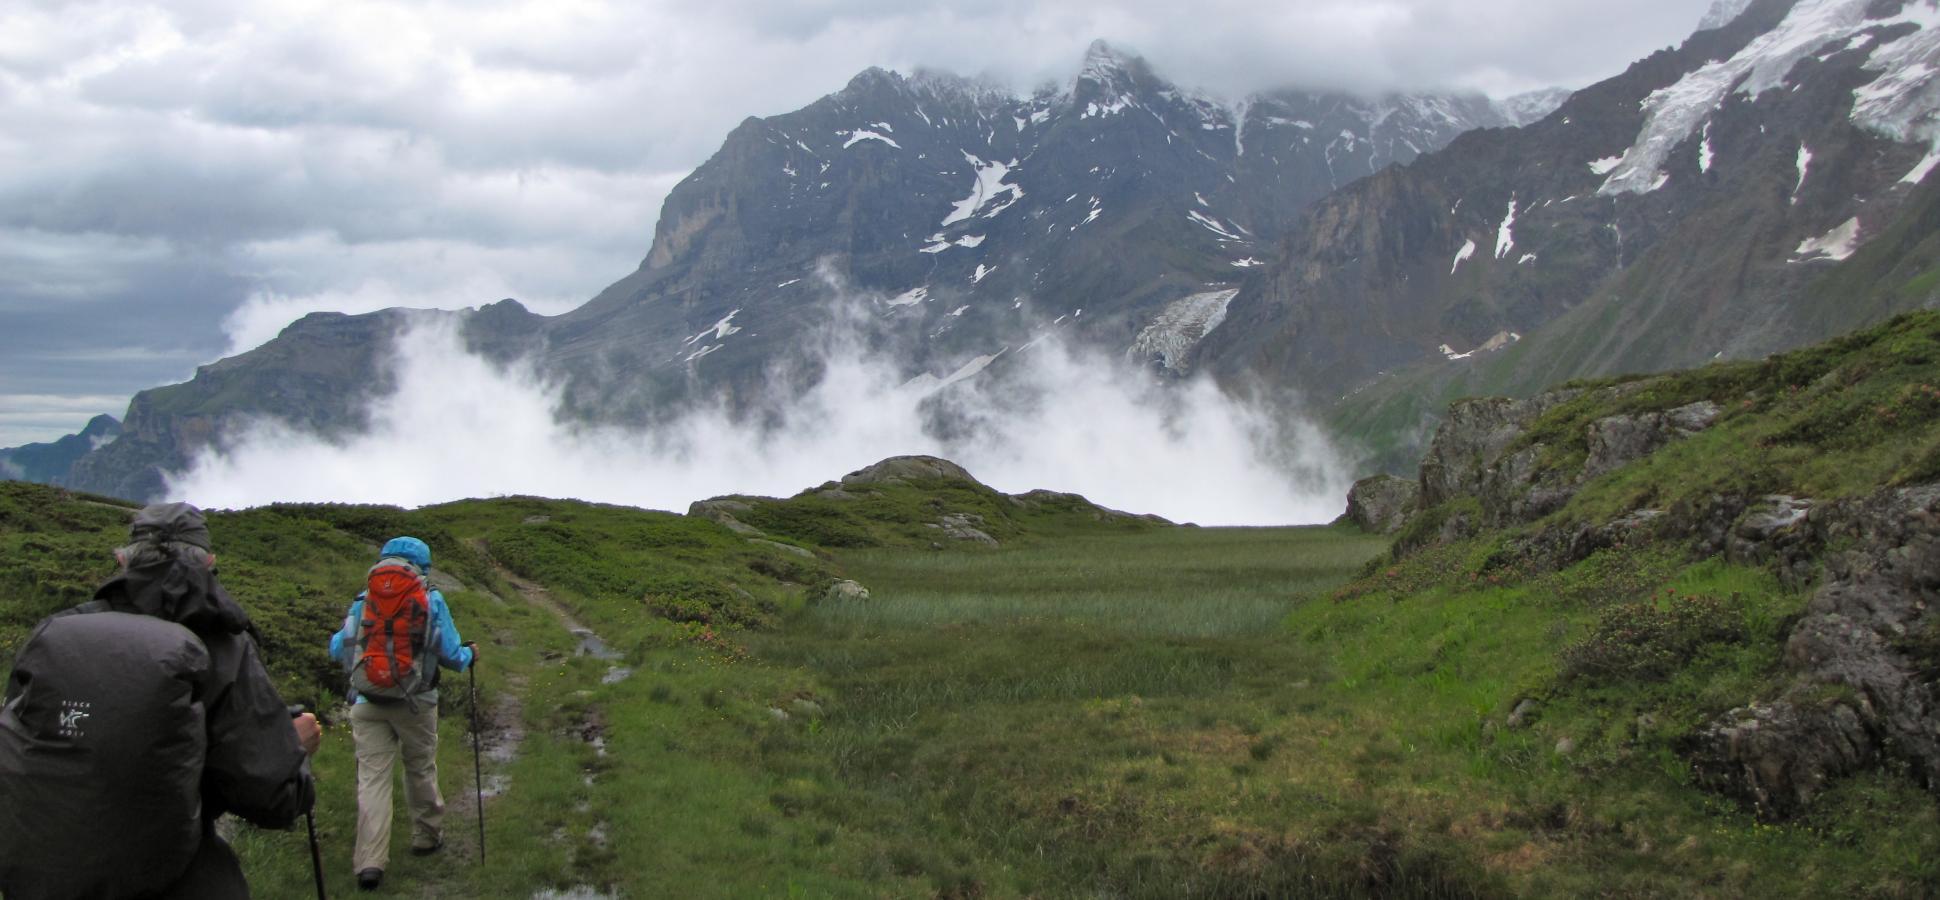 Bergwanderung in der Schweiz